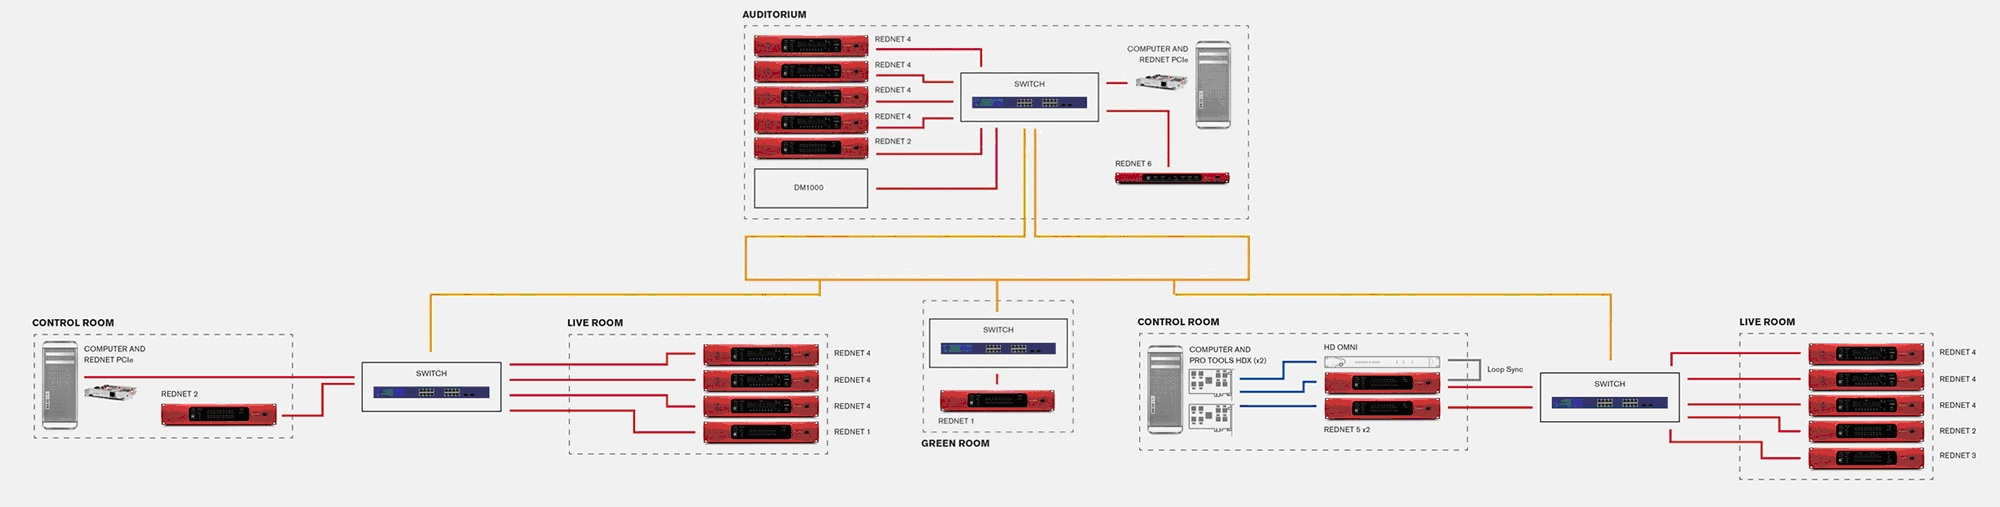 Schema Cablaggio Rete : Focusrite: sistemi di cablaggio